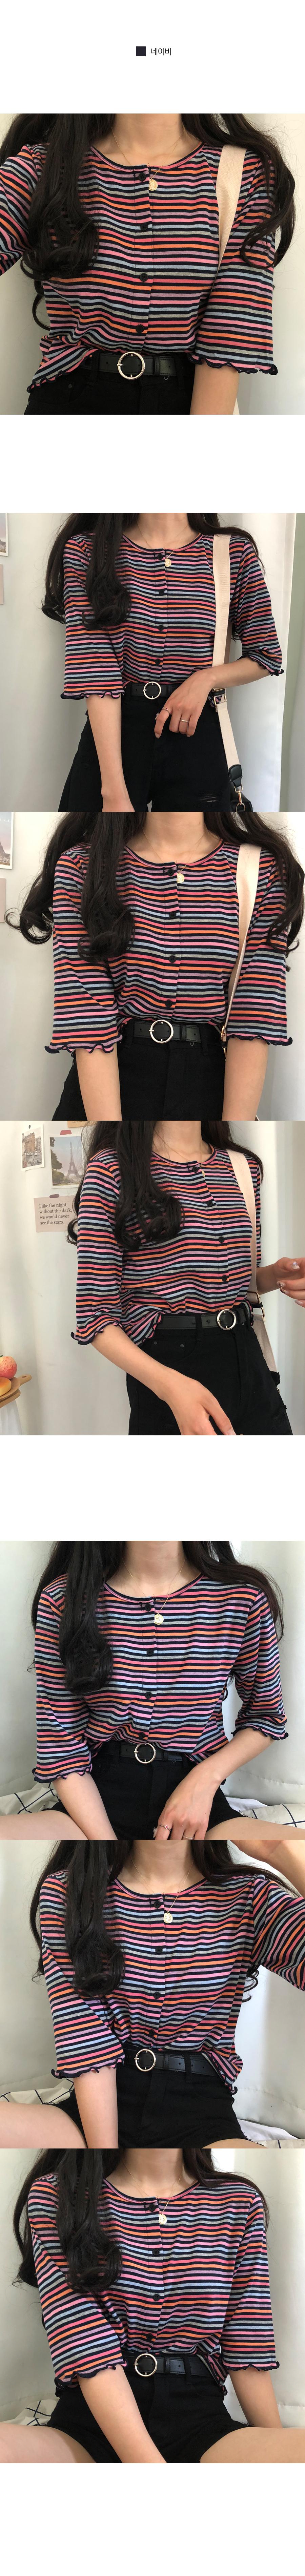 Colorful Tanga ruffled cardigan